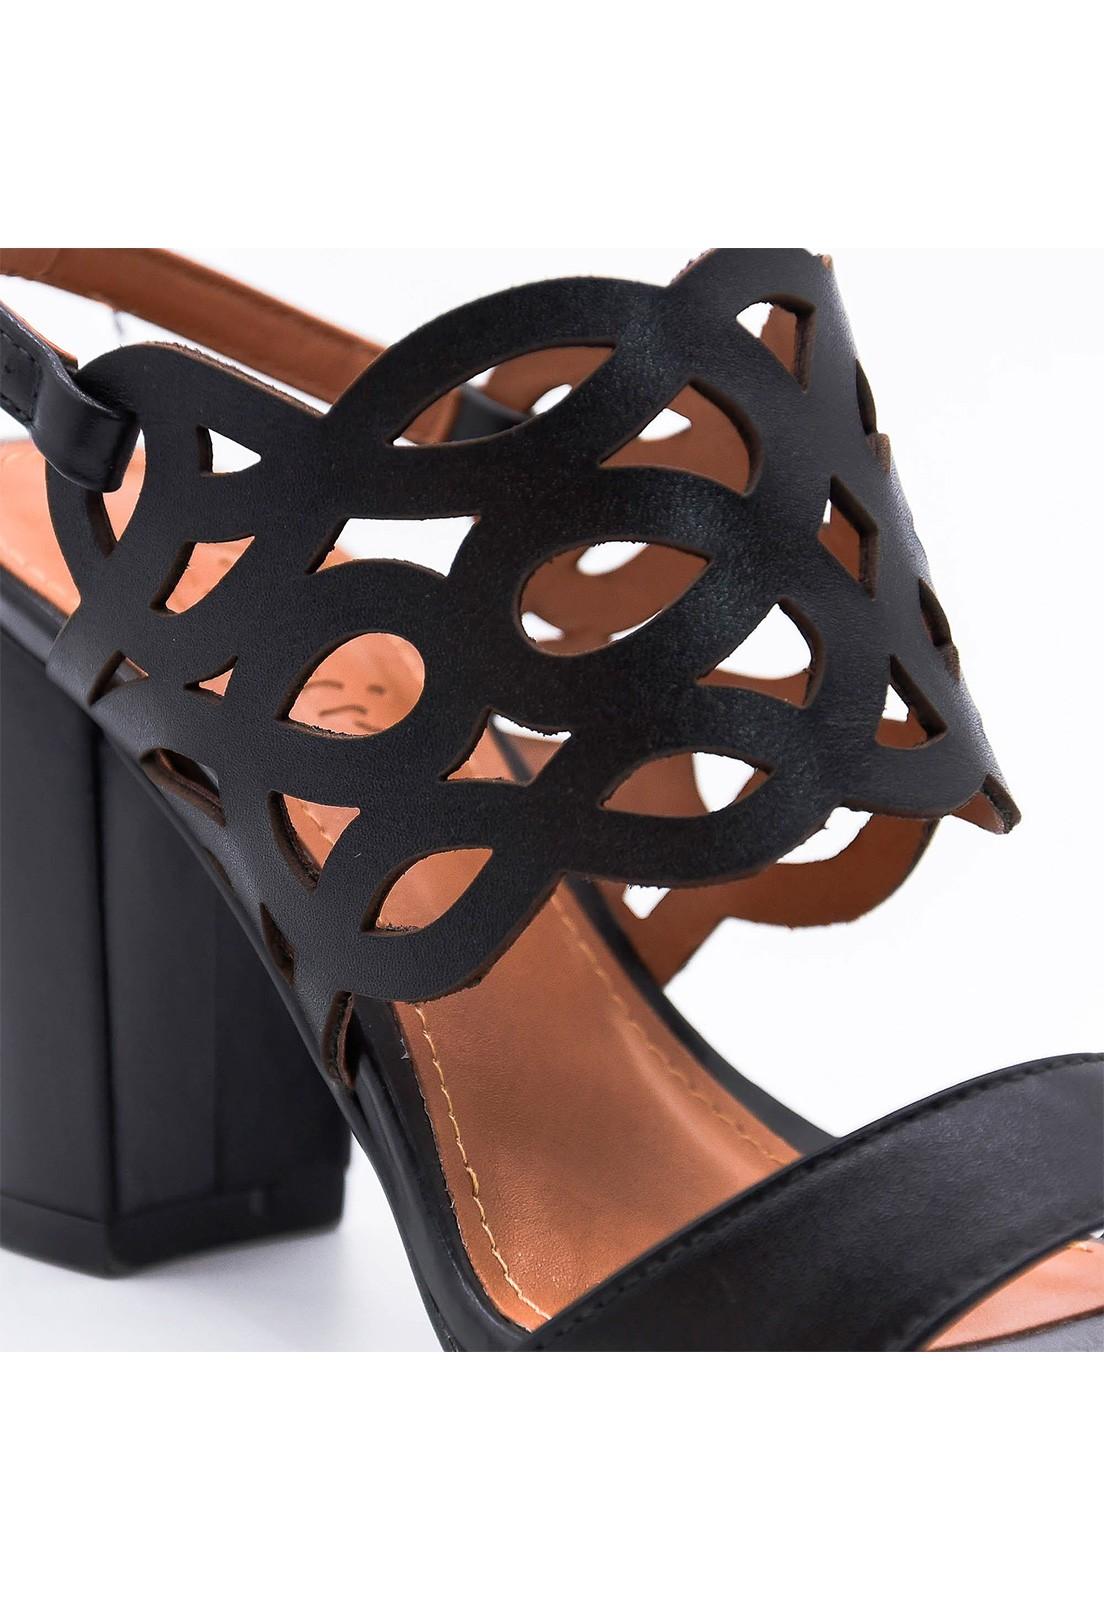 Sandália couro preta Lavine